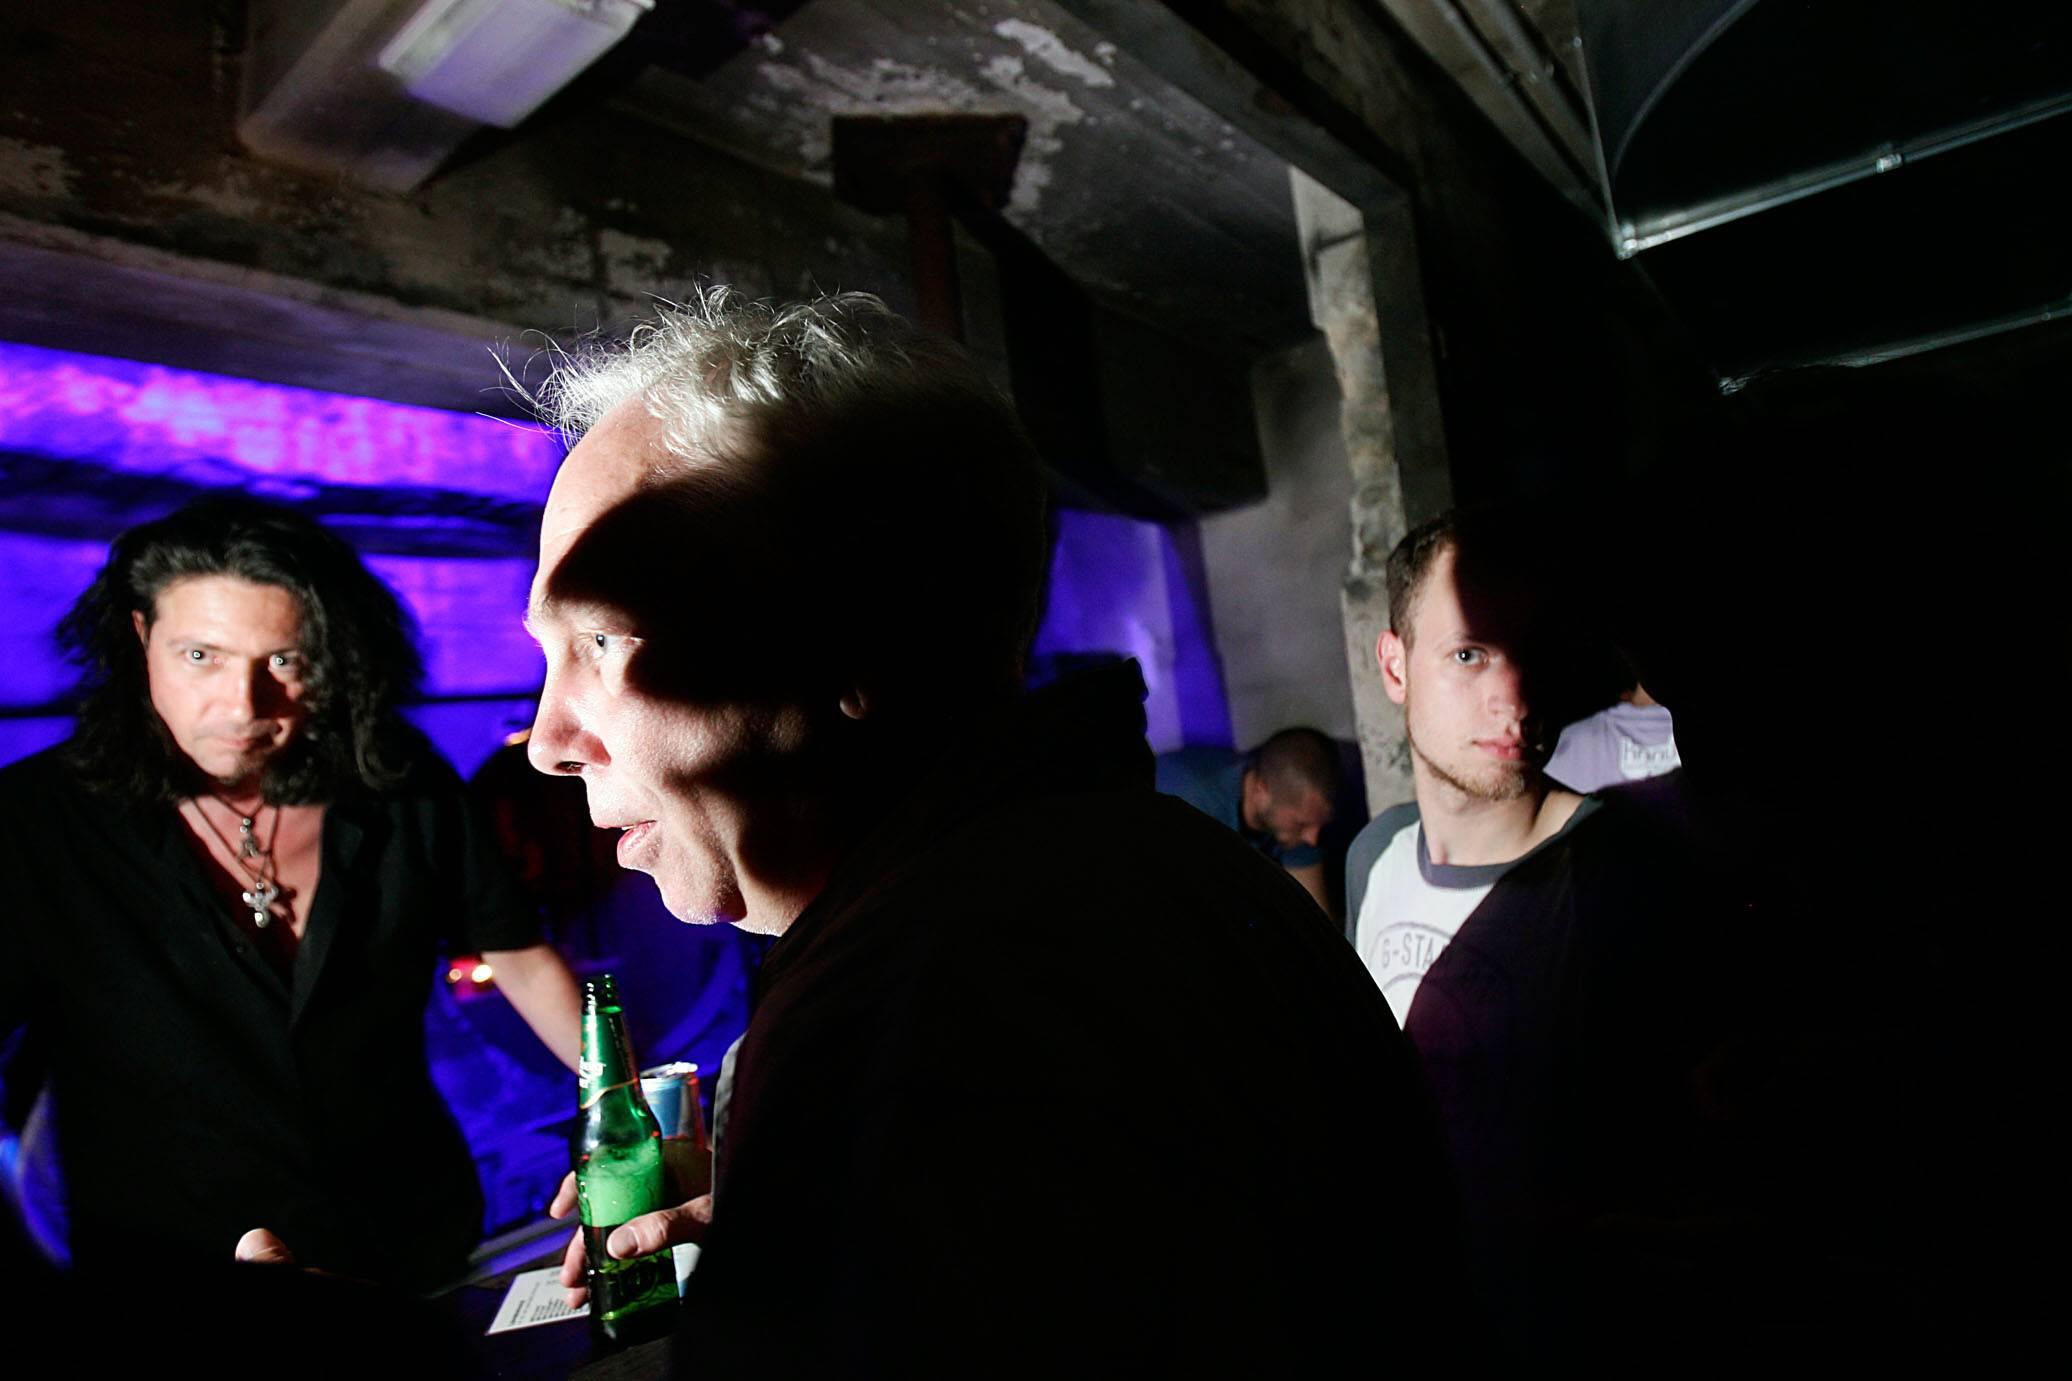 Clubs sind Orte der Begegnung – Dimitri Hegemann in der Plus4 Bar des Techno-Clubs Tresor. Foto: Imago/Christian Schroth